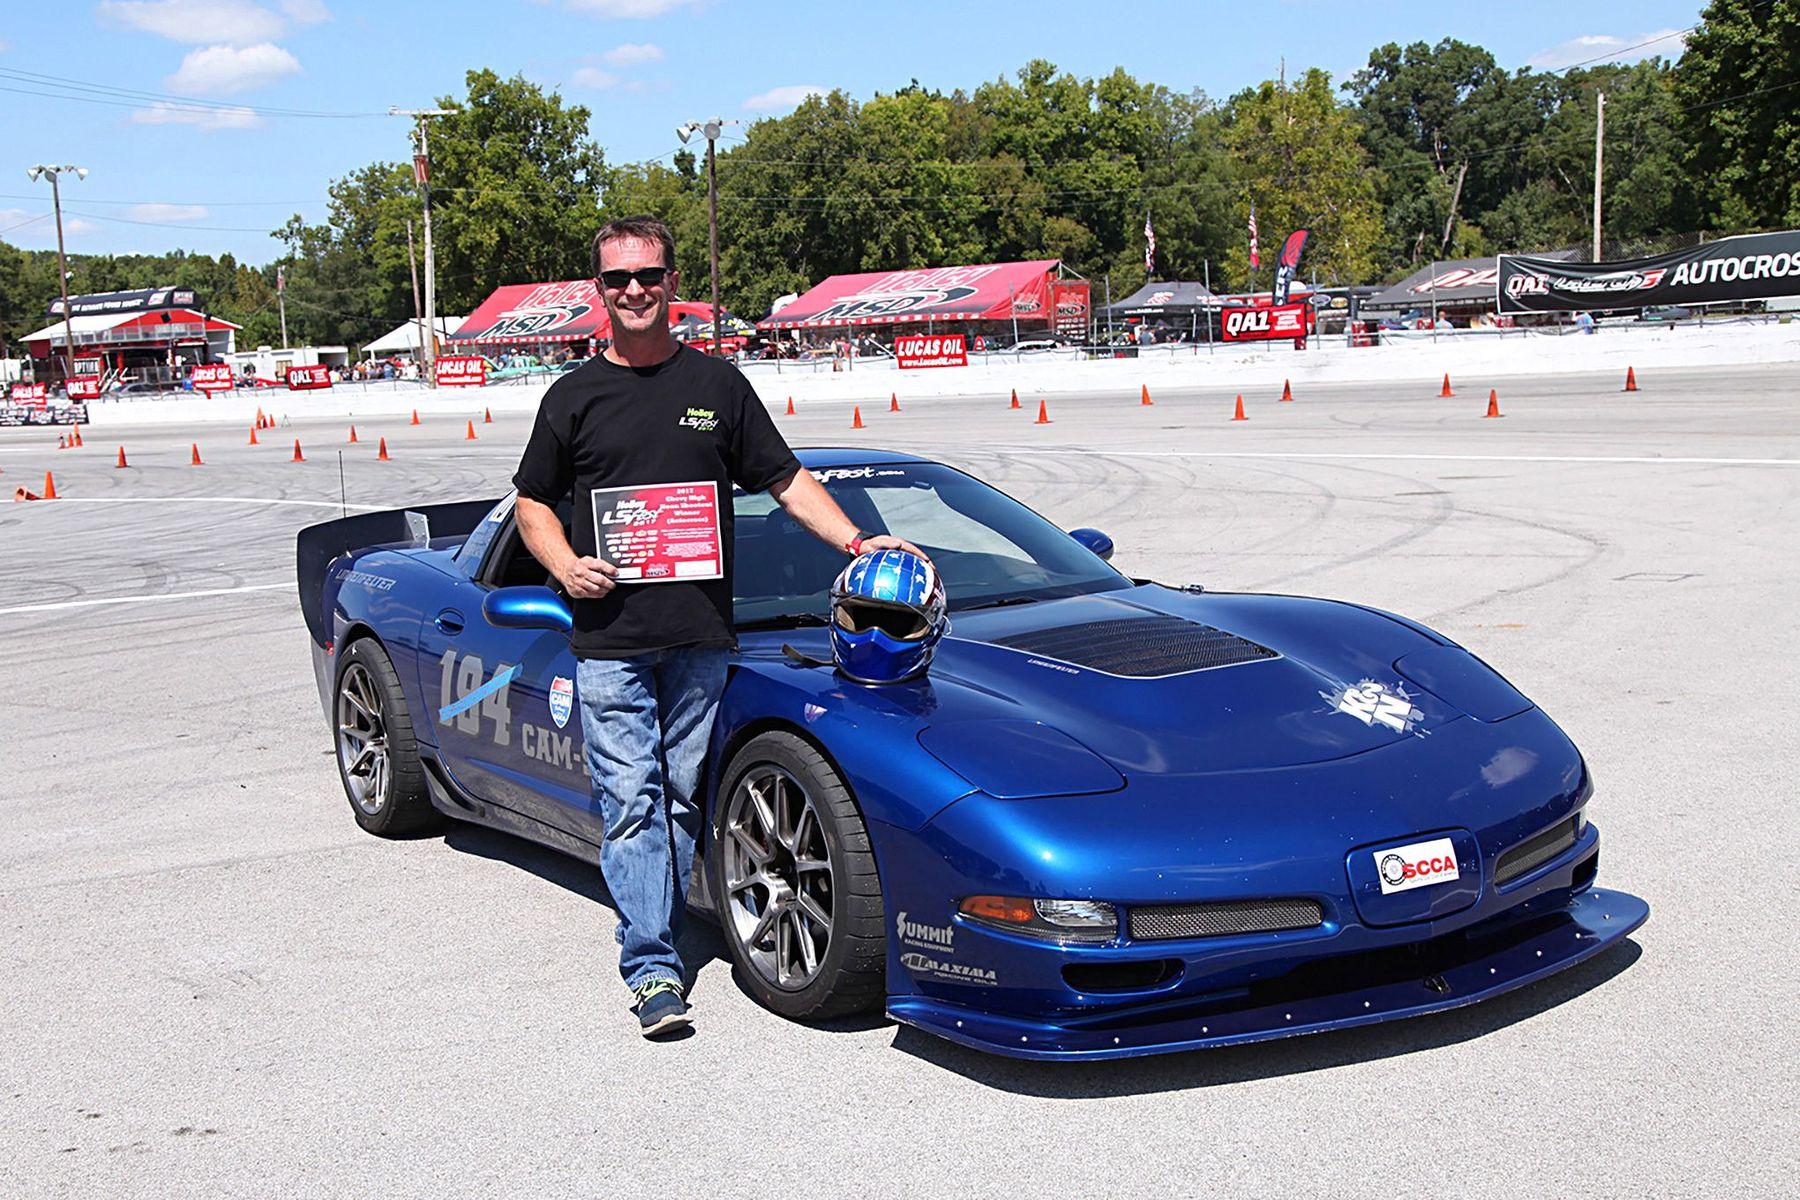 2003 Chevrolet Corvette Z06   Danny Popp Wins High Noon Shootout at the 2017 LS Fest